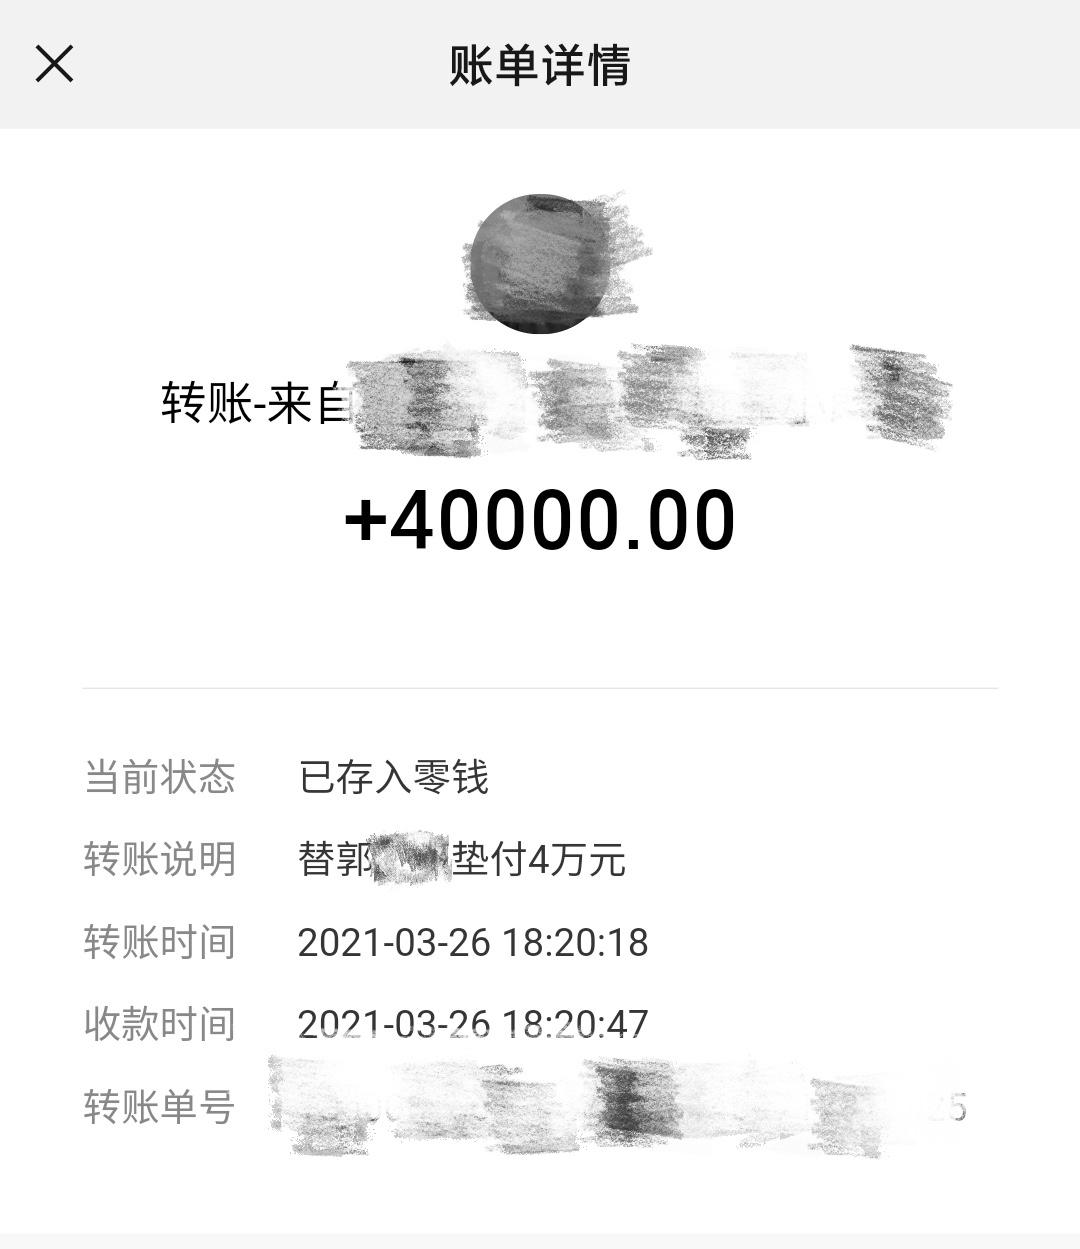 淡先生收到4万元退款